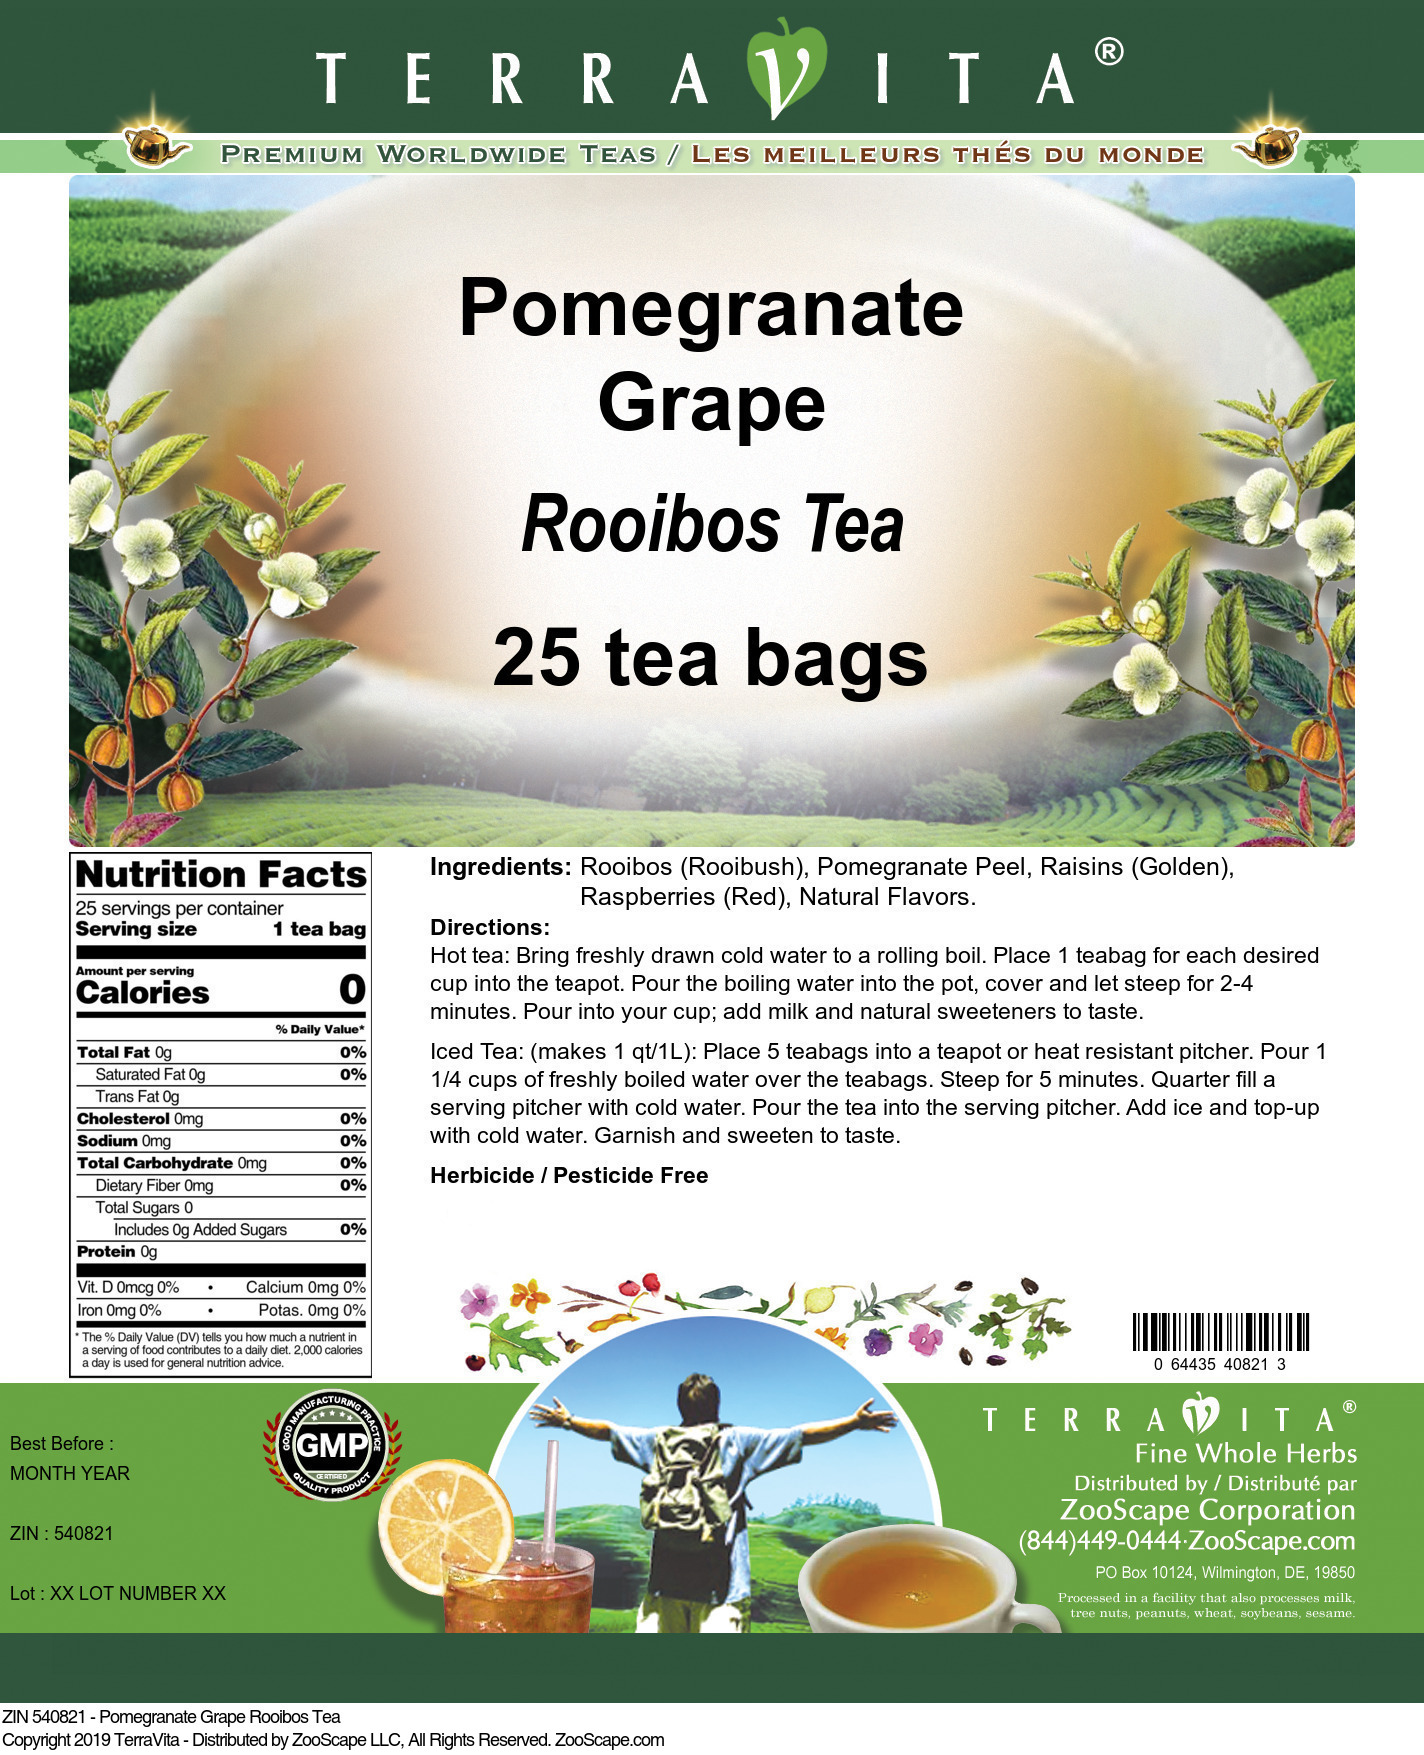 Pomegranate Grape Rooibos Tea